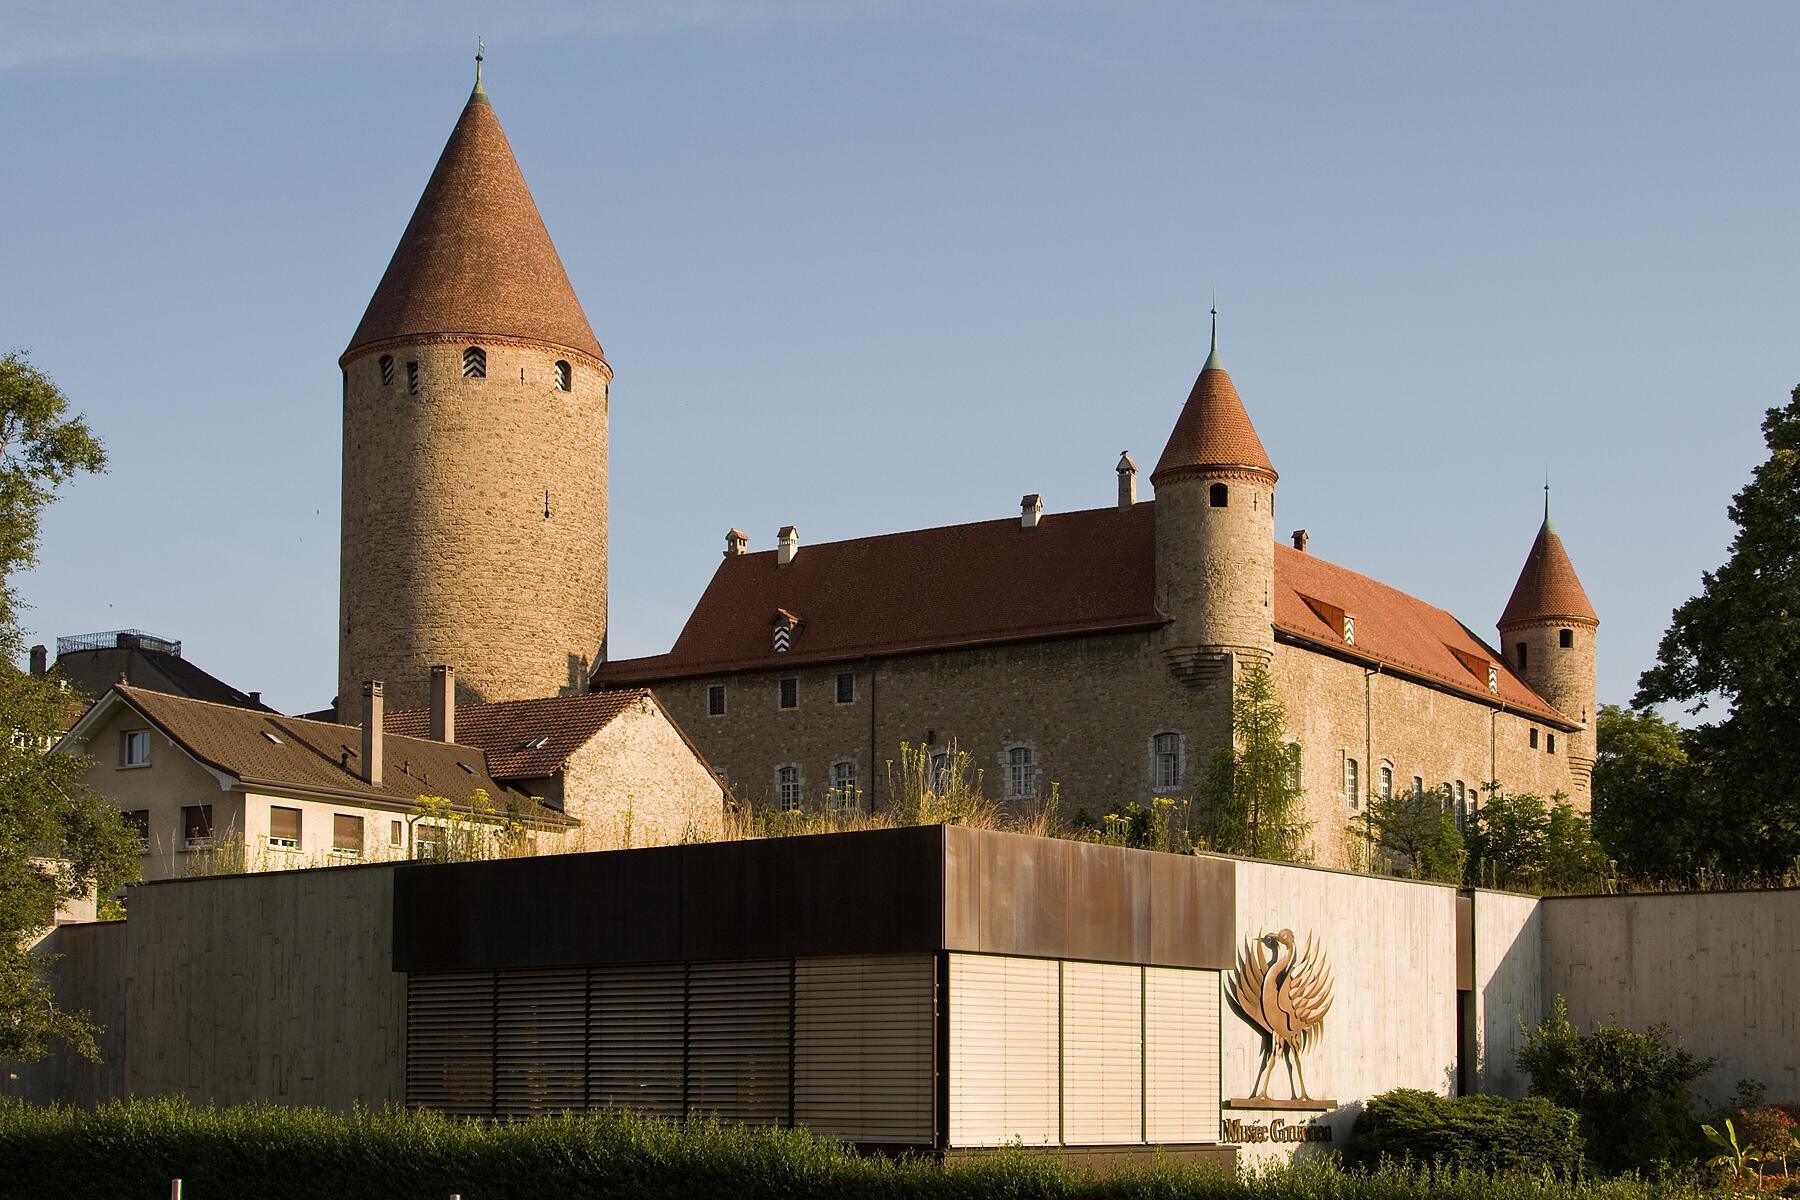 Vue extérieur du château de Bulle (Suisse).